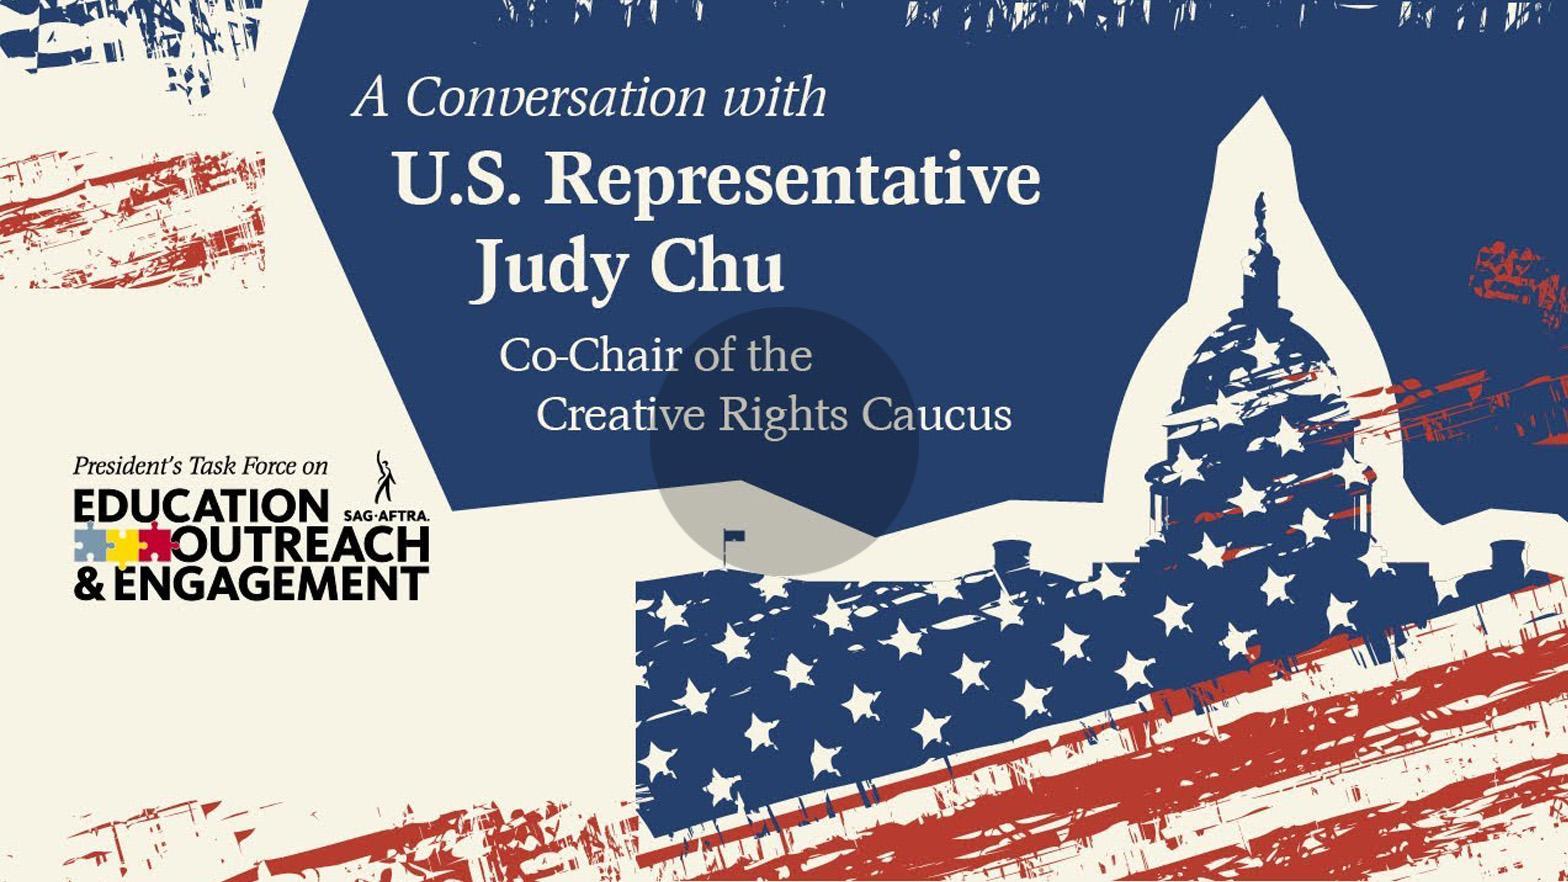 """Silueta roja, blanca y azul del capitolio estatal con """"Una conservación con la representante estadounidense Judy Chu, copresidenta del Comité de Derechos Creativos"""" en los dos tercios superiores"""